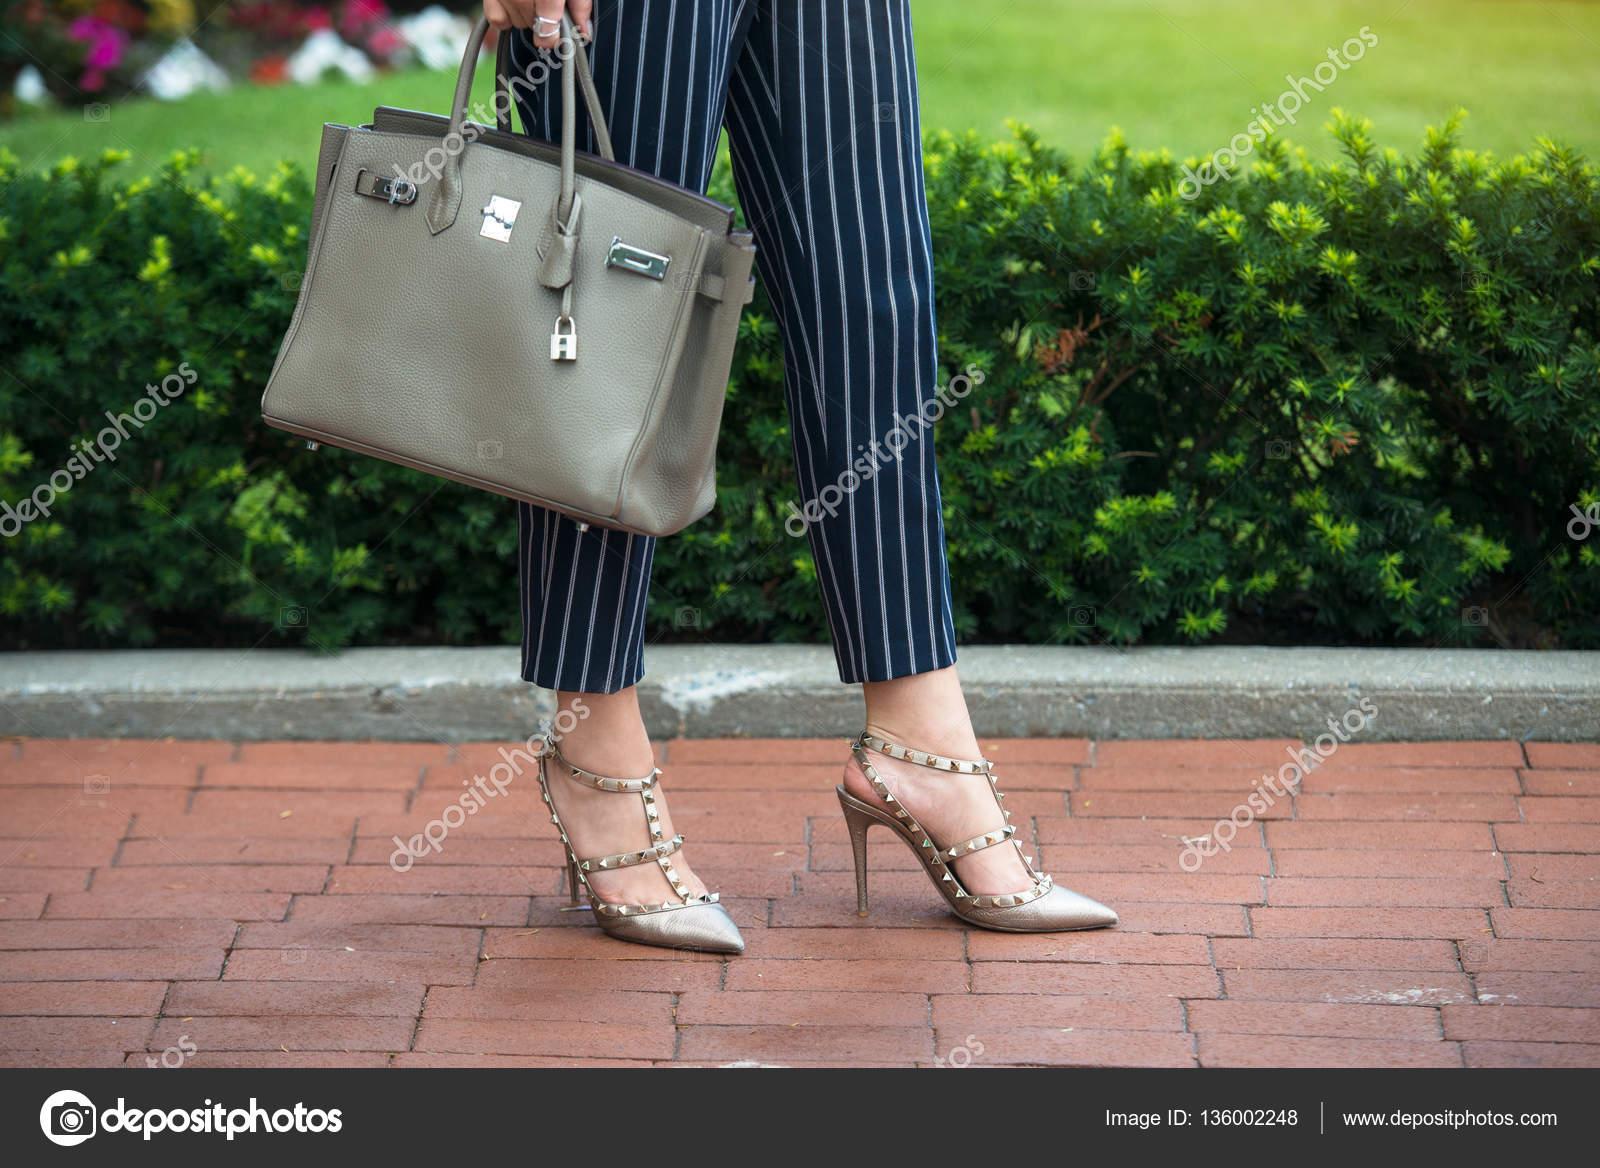 b738cf6a4e Üzletasszony nyári ruhát office. Divatos nő magas hells cipőben, kék-fehér  csíkos pamut nadrág, és tartsa lenyomva a sötétszürke táska szabadban —  Fotó ...